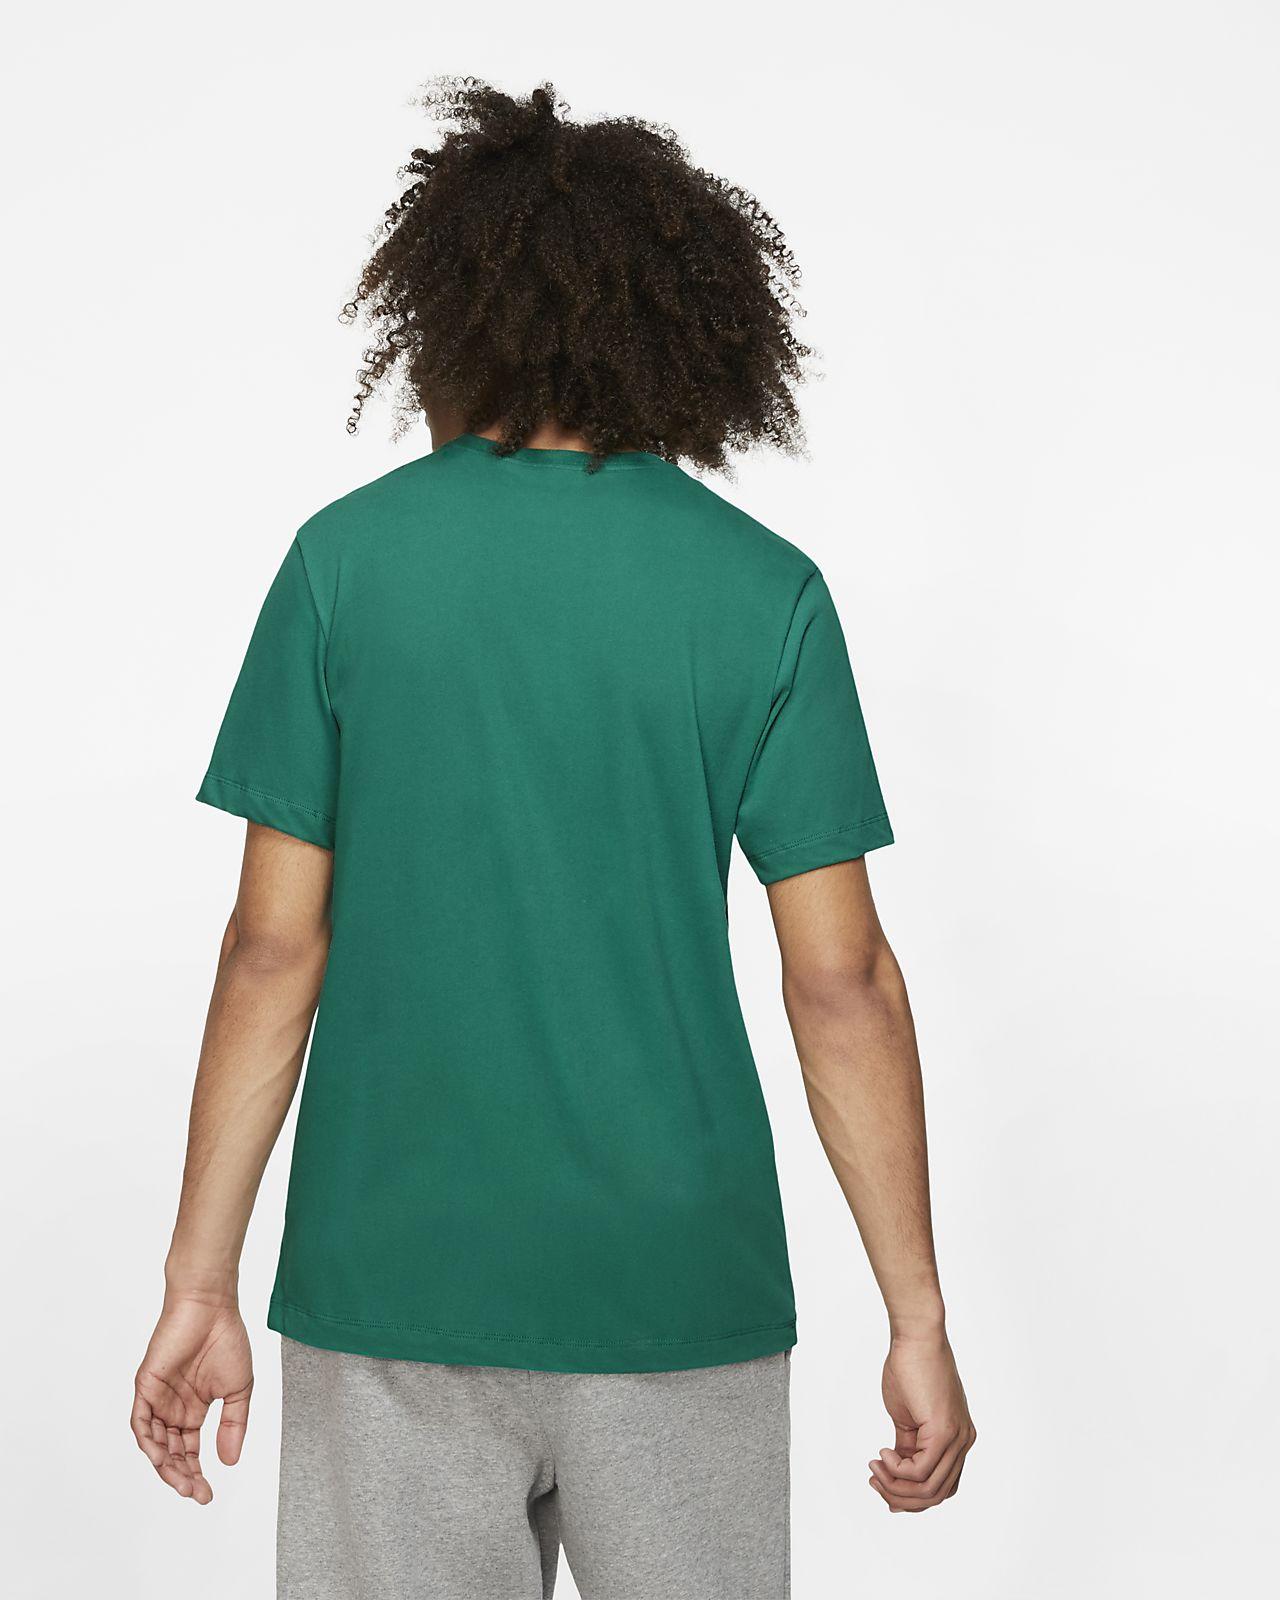 4c52767a442e Jordan Iconic 23 7 Men s Training T-Shirt. Nike.com HU